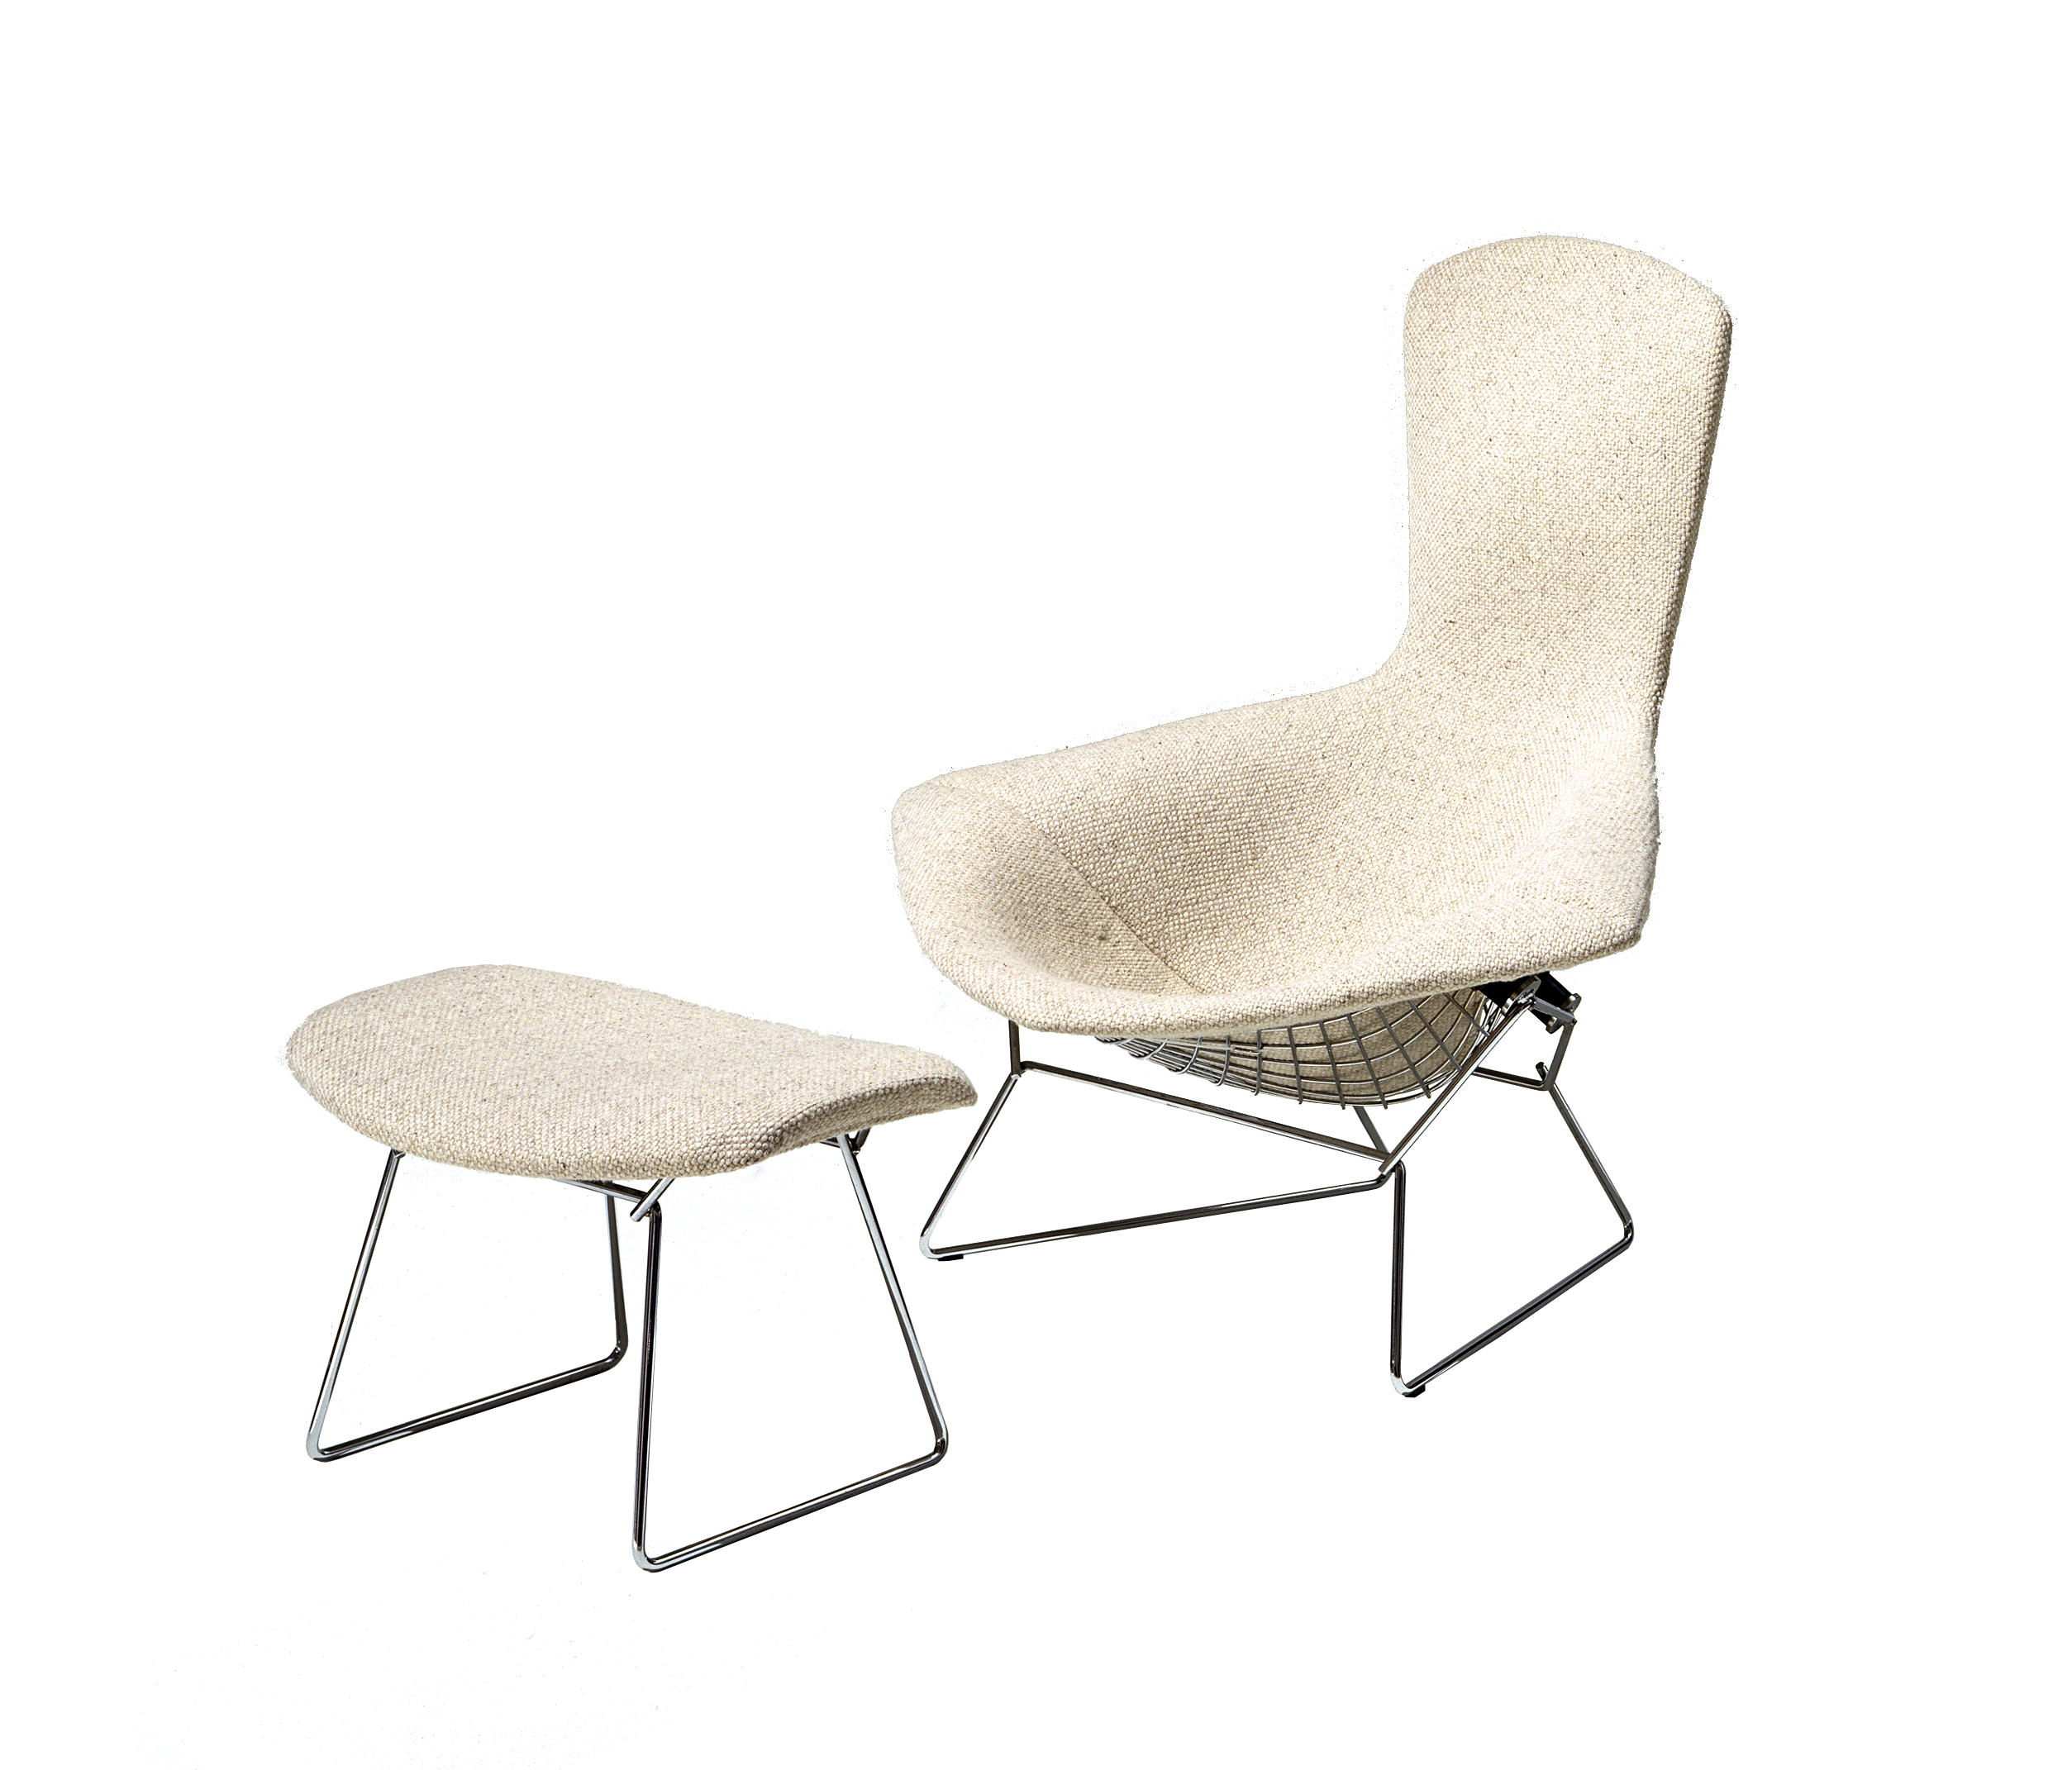 bertoia fauteuil haut dossier et pouf fauteuils de knoll international architonic. Black Bedroom Furniture Sets. Home Design Ideas